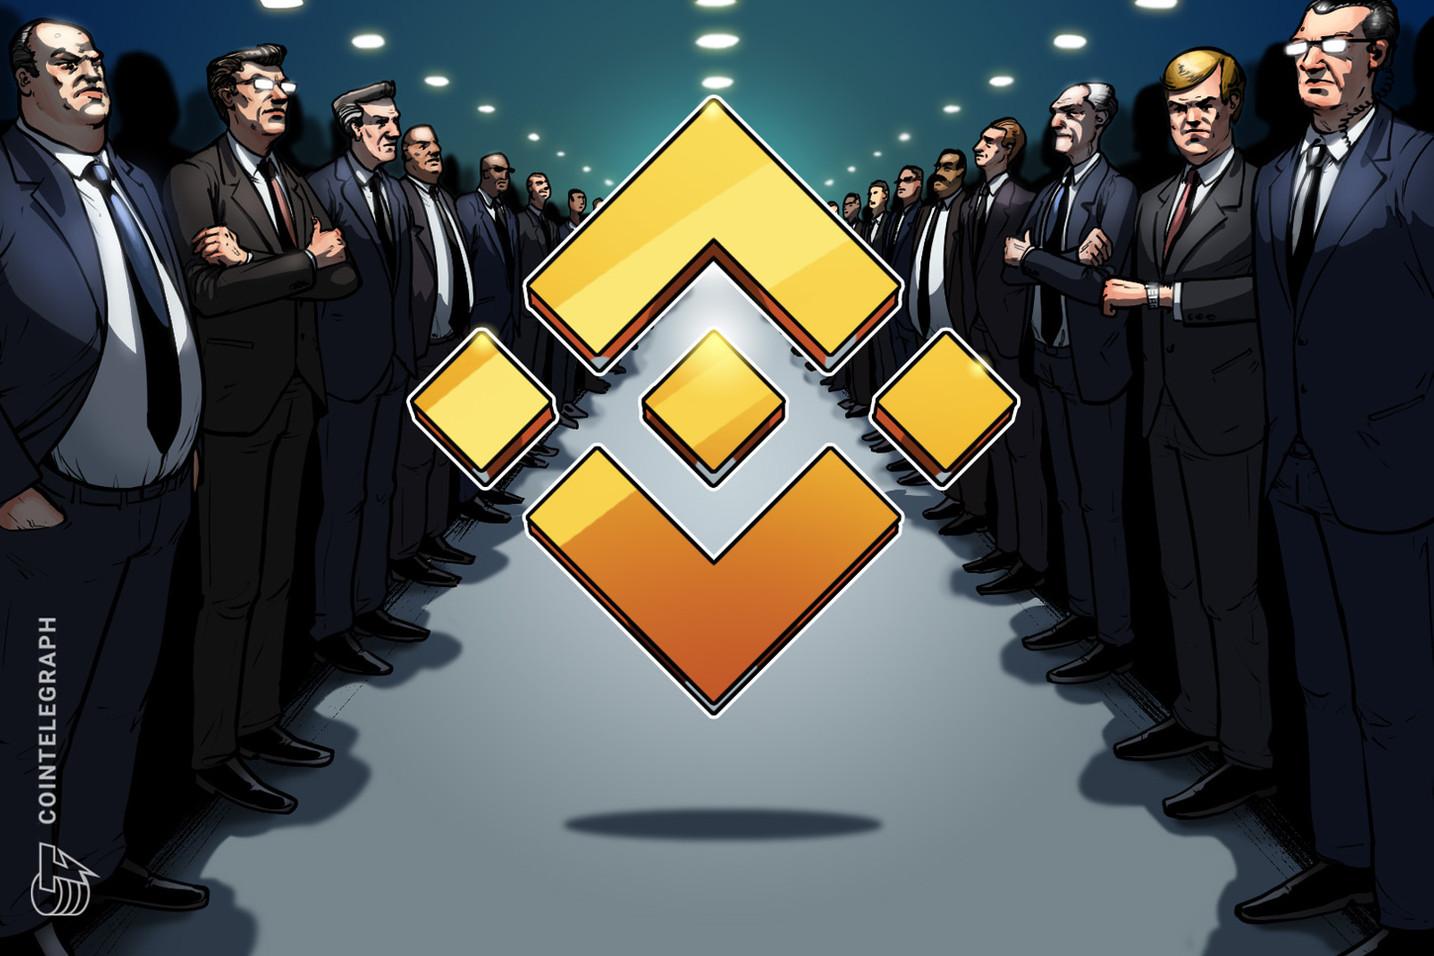 Pengawal selia kewangan Itali mengeluarkan amaran mengenai pertukaran crypto Binance